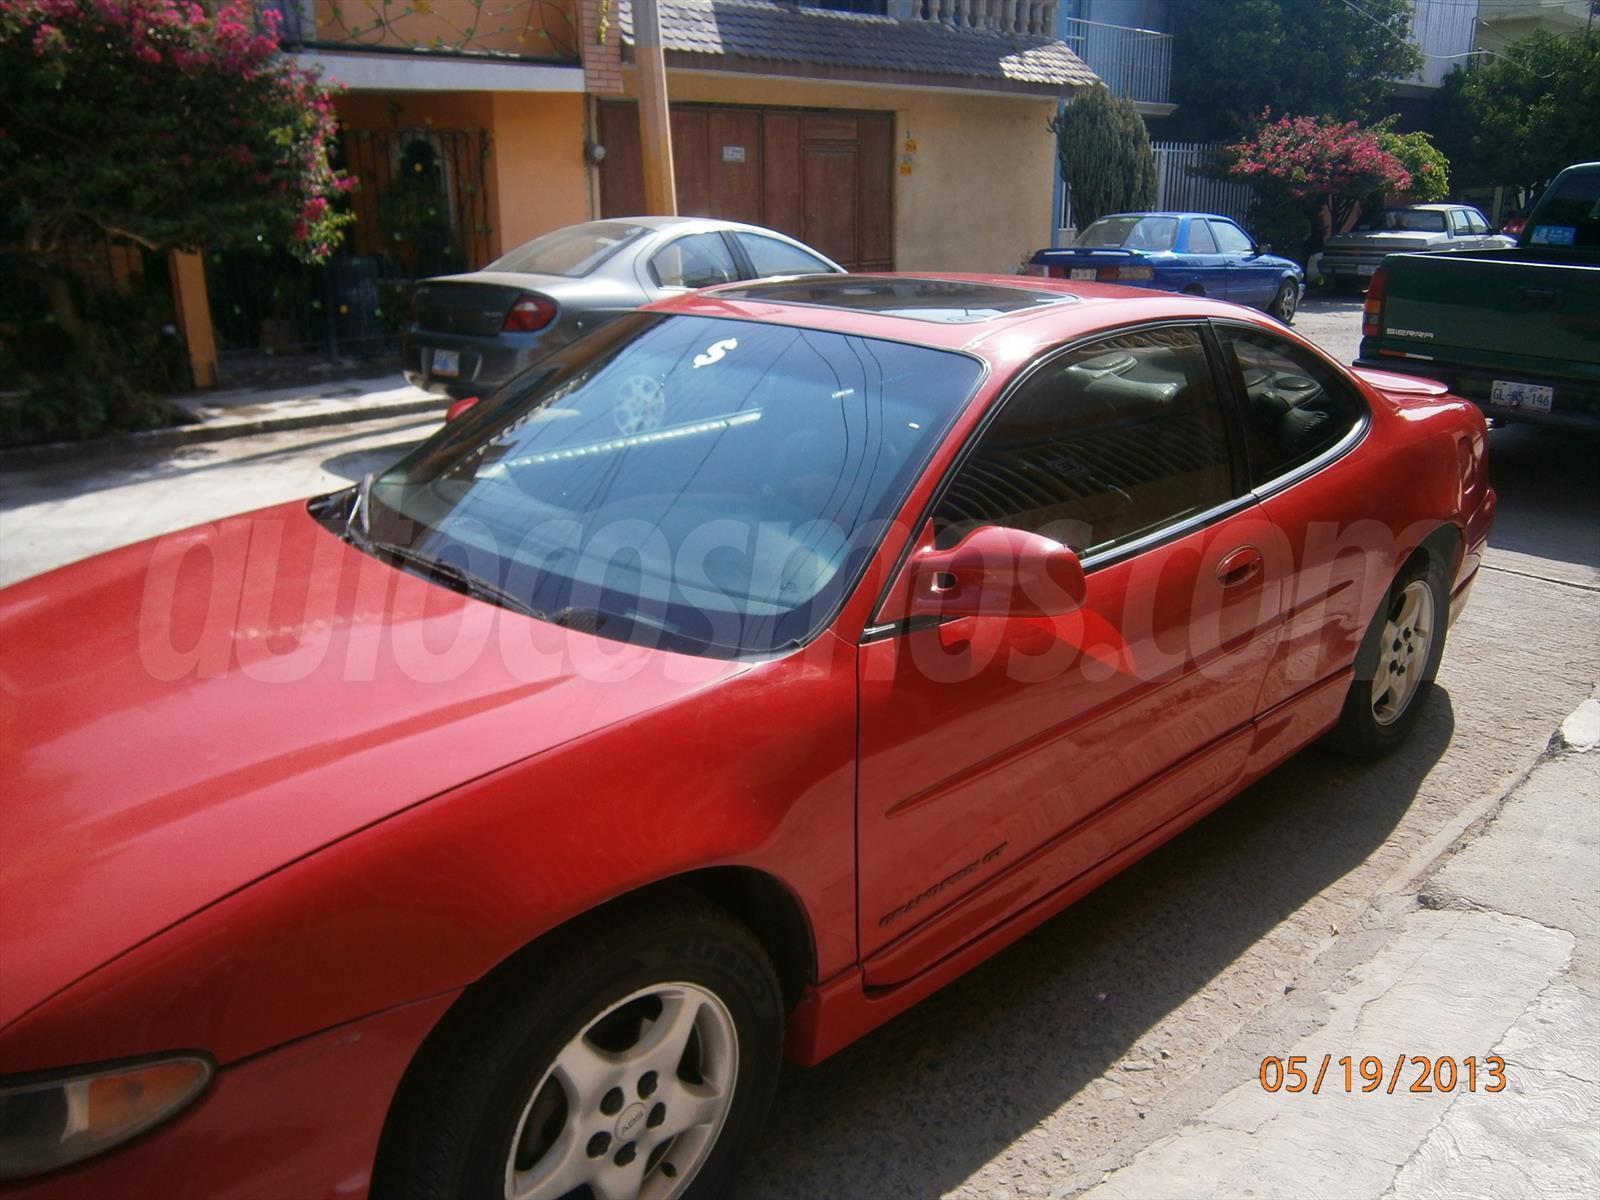 Pontiac grand prix usados en m xico for Catalogo grand prix